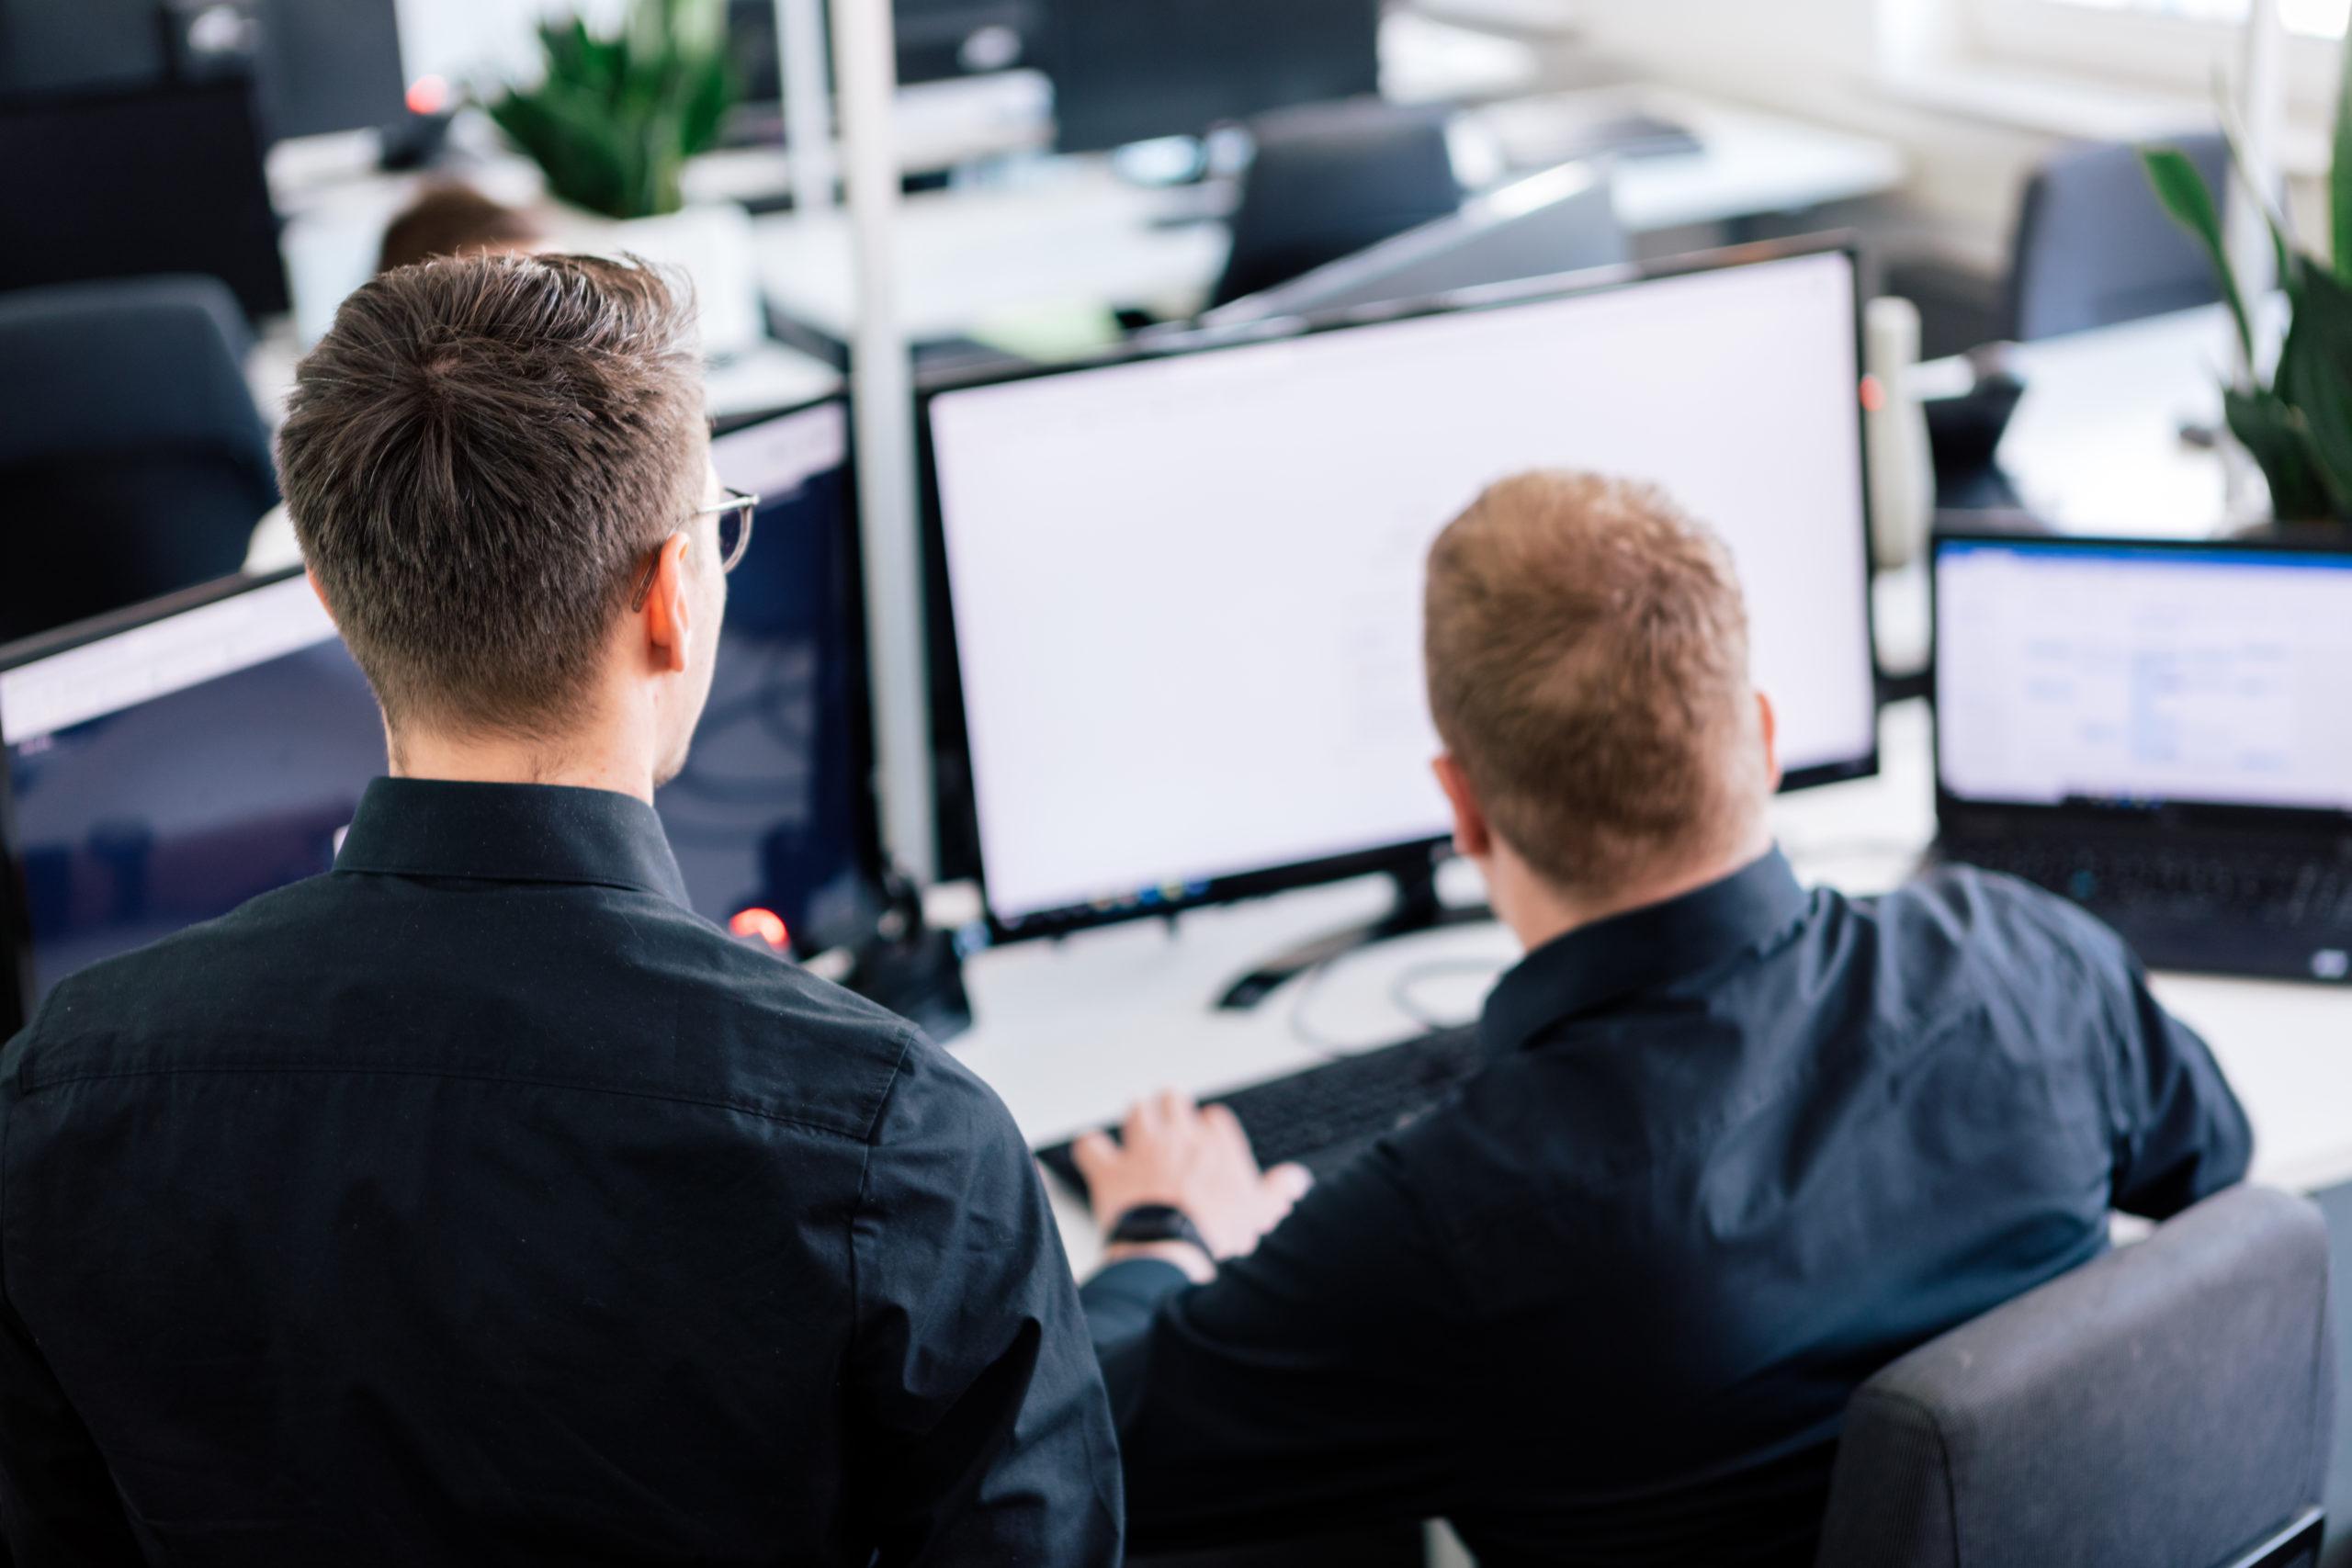 Hochwinkelaufnahme Zwei Geschäftsleute stehen vor einem Computer.